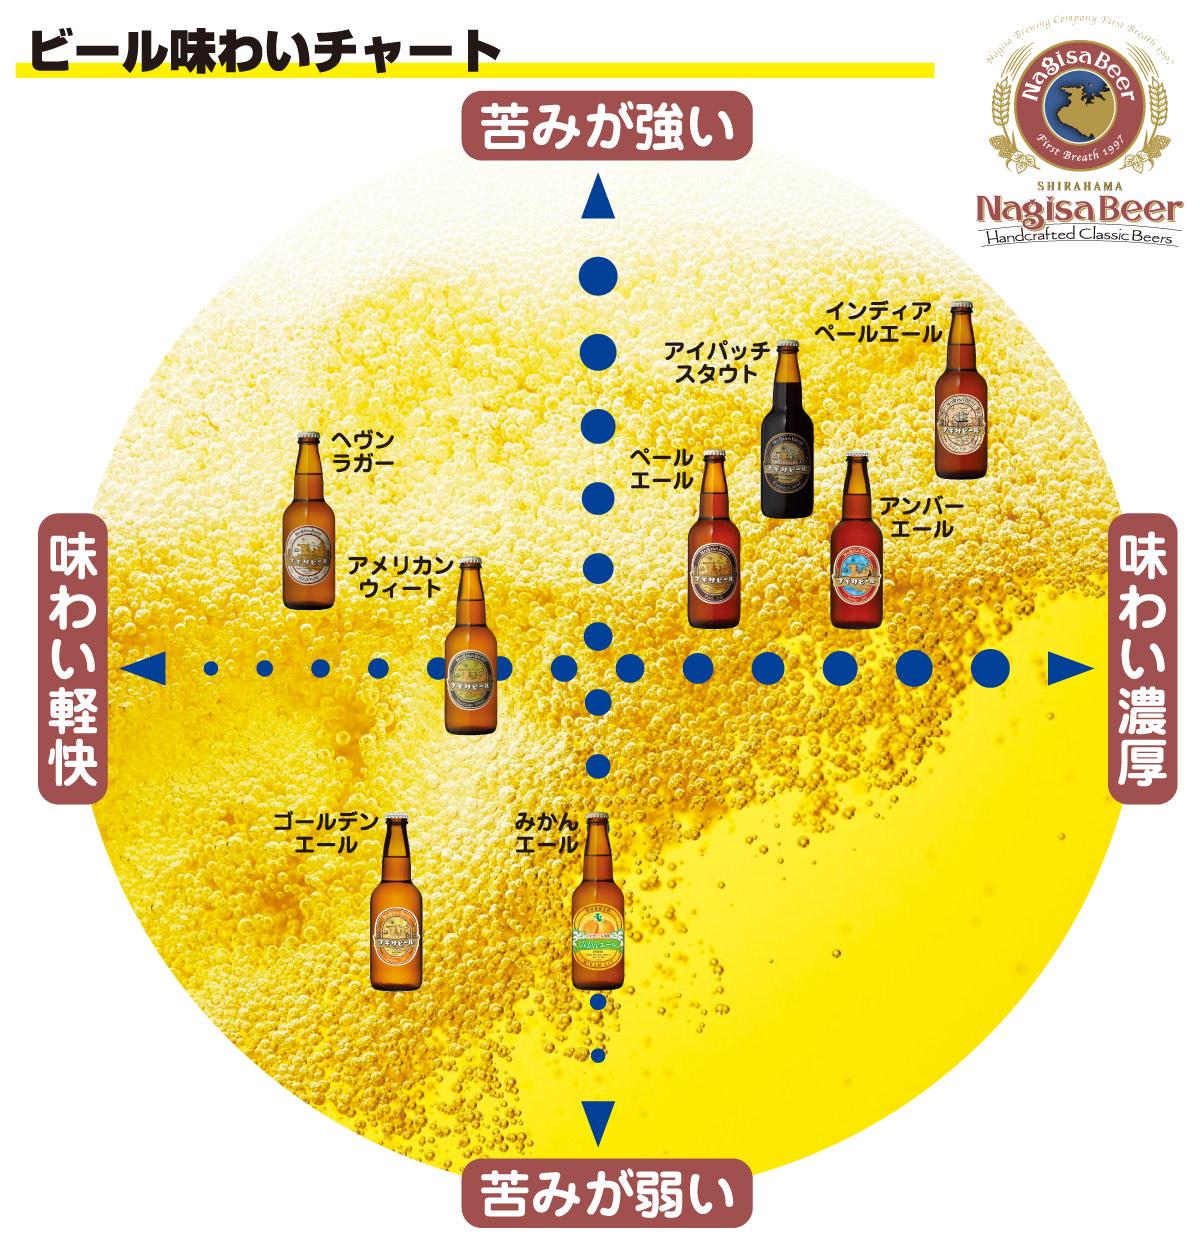 ナギサビールの味わいチャート